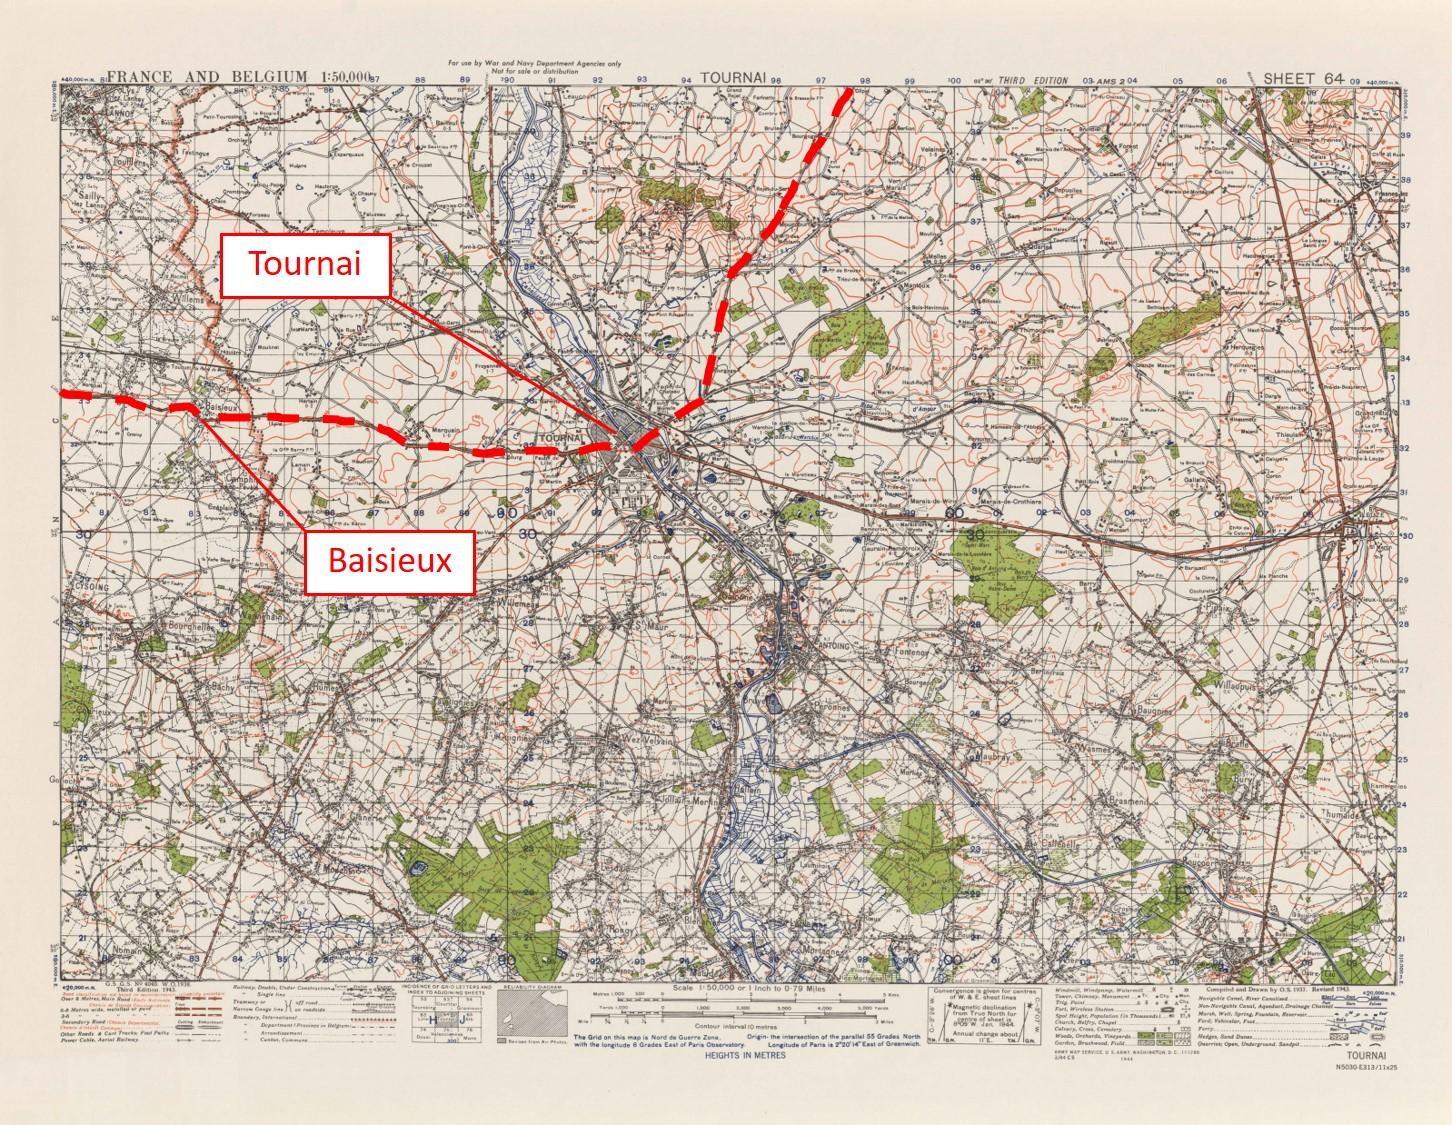 021B - 4040-Tournai-64 - route